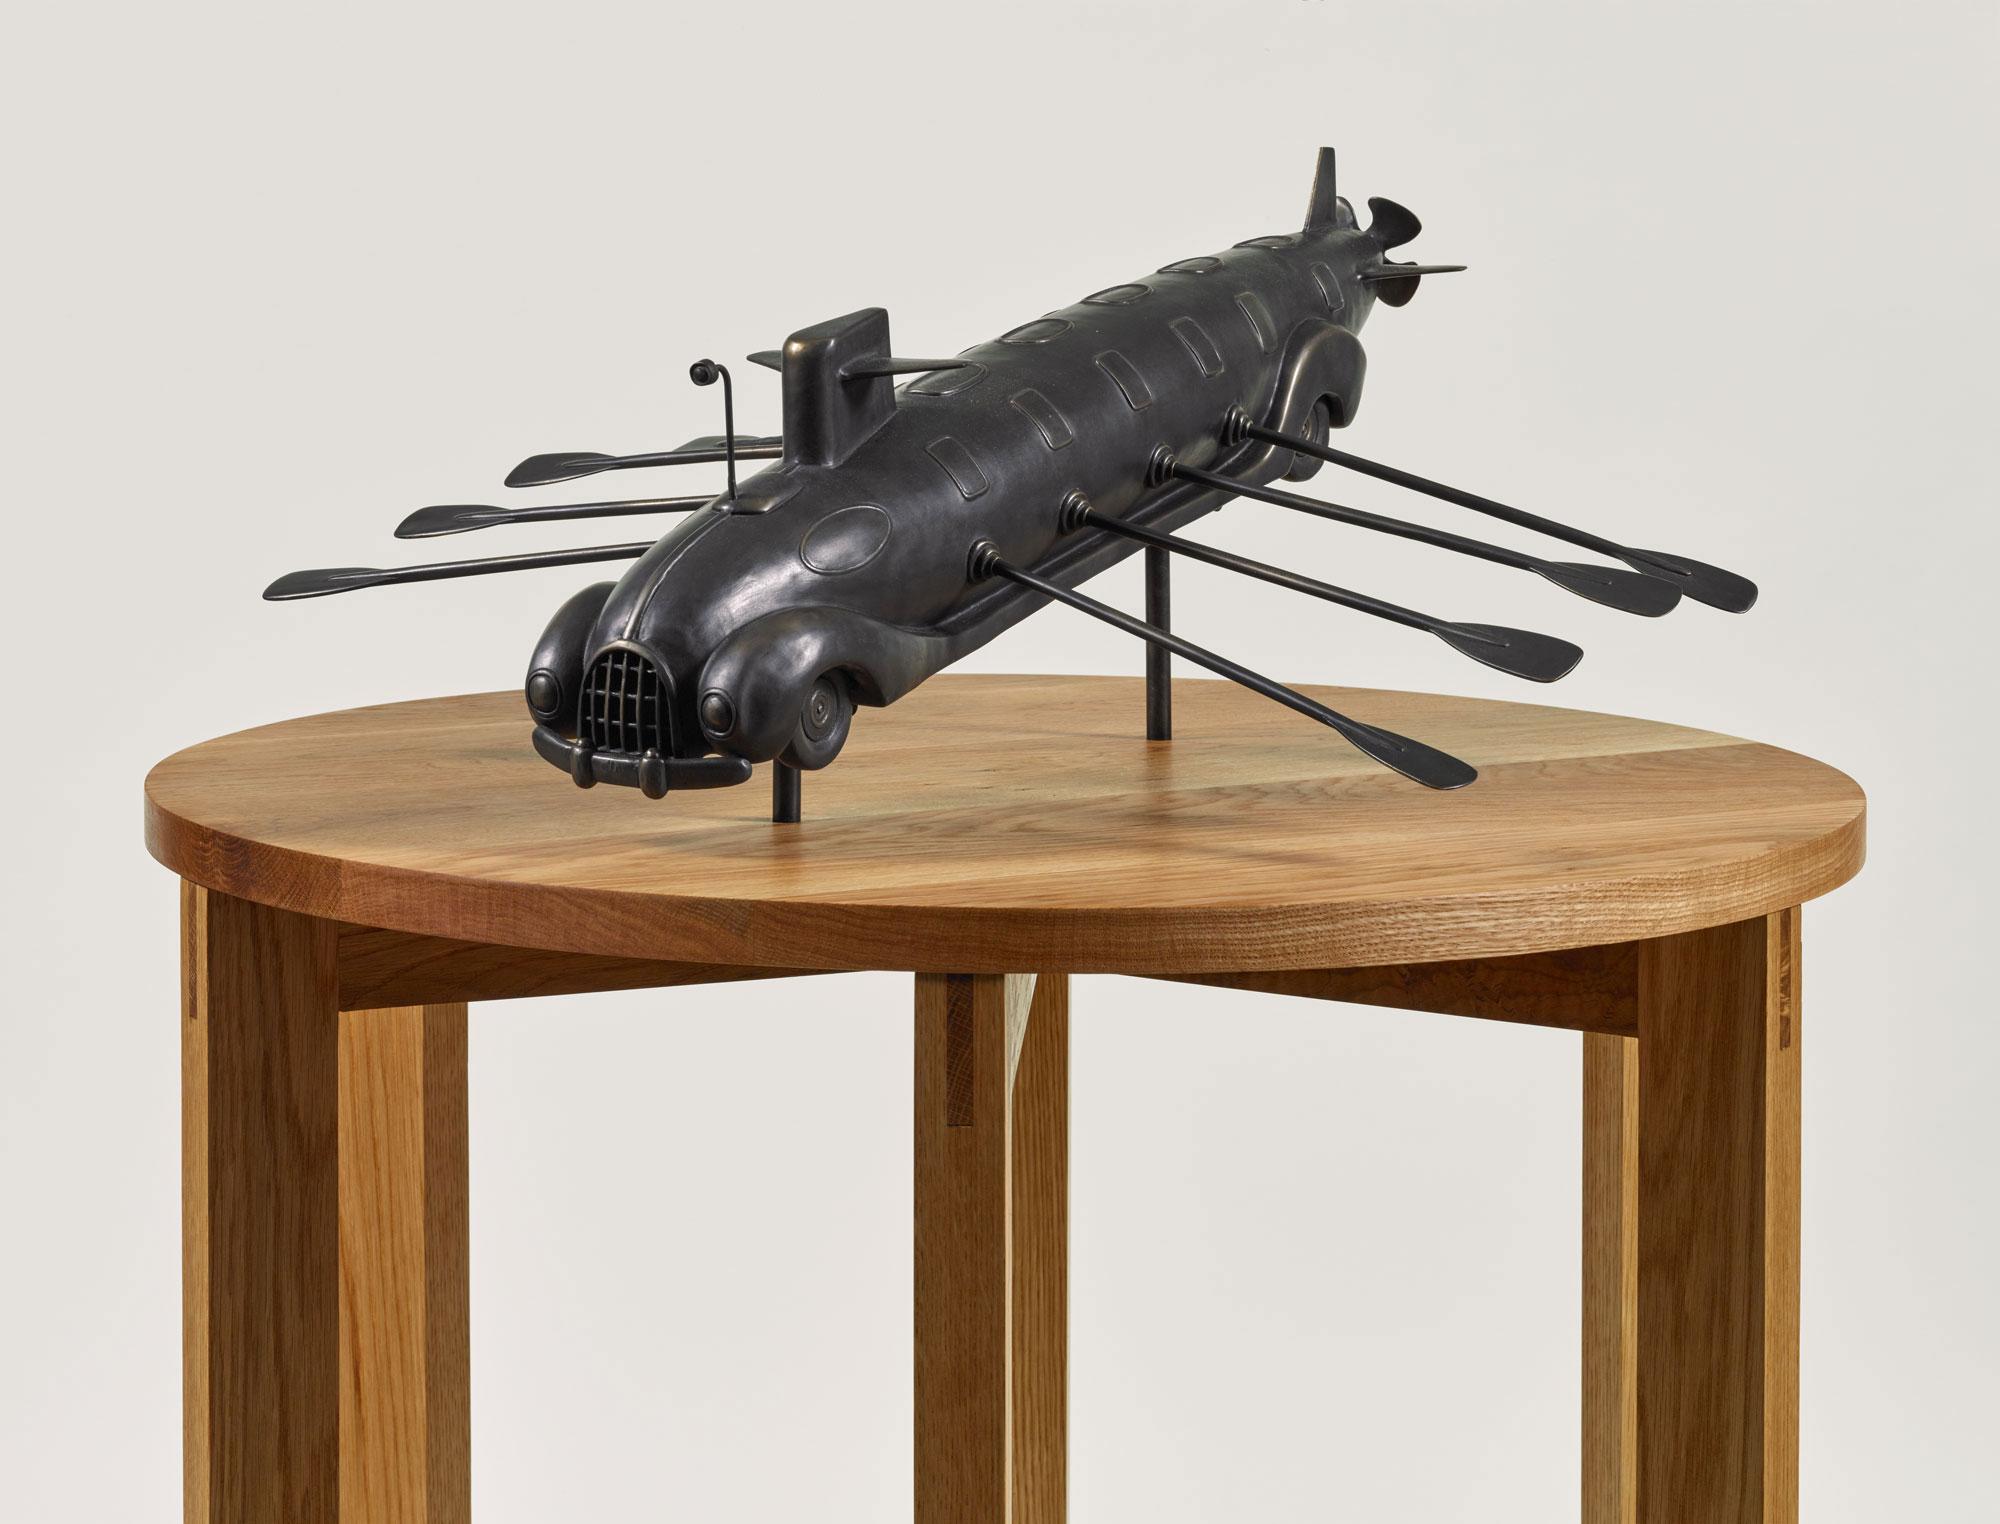 Submarine Homemade by Esterio Segura